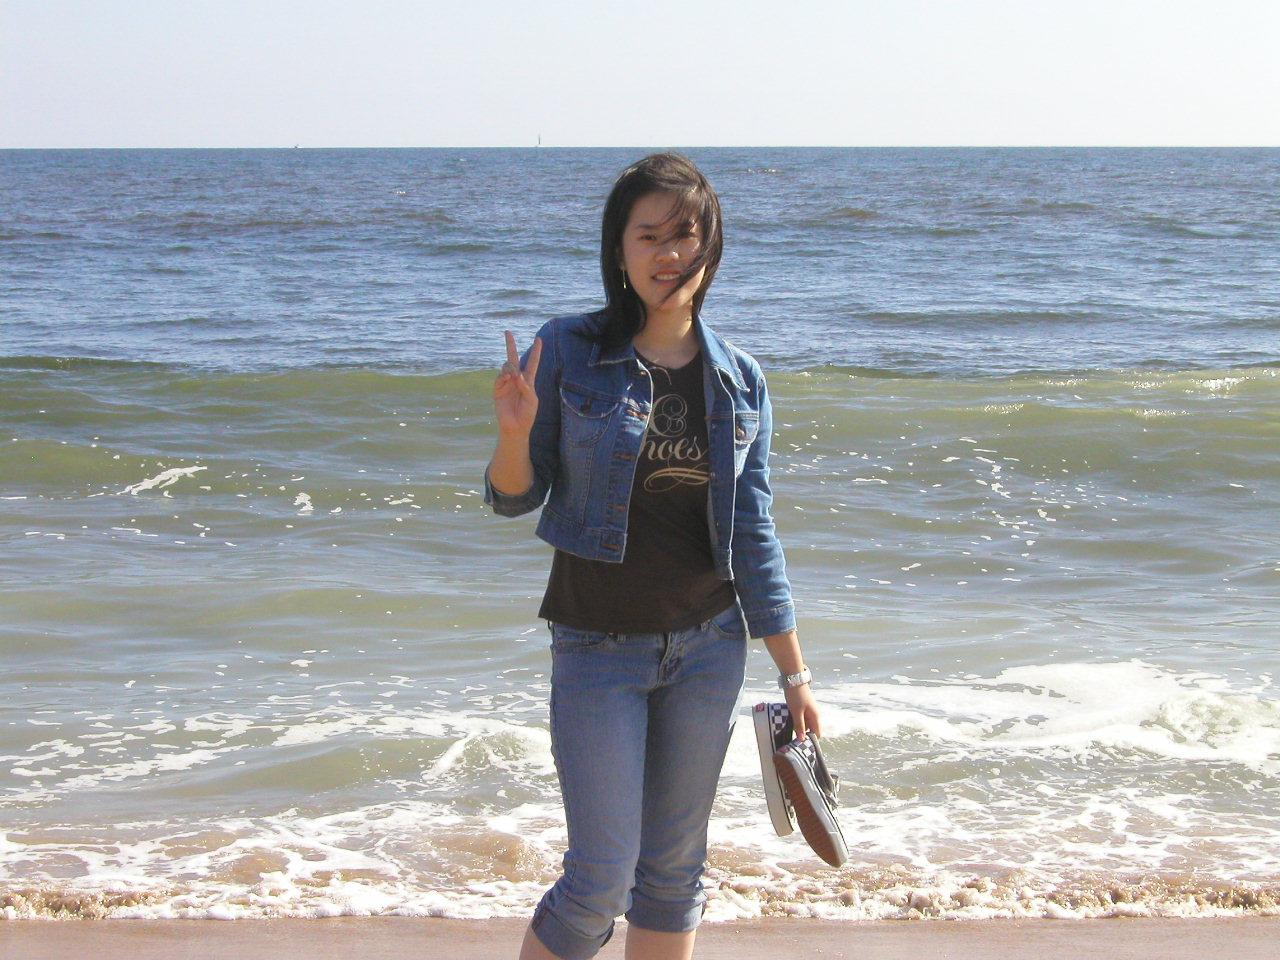 Rebecca at Balboa Island